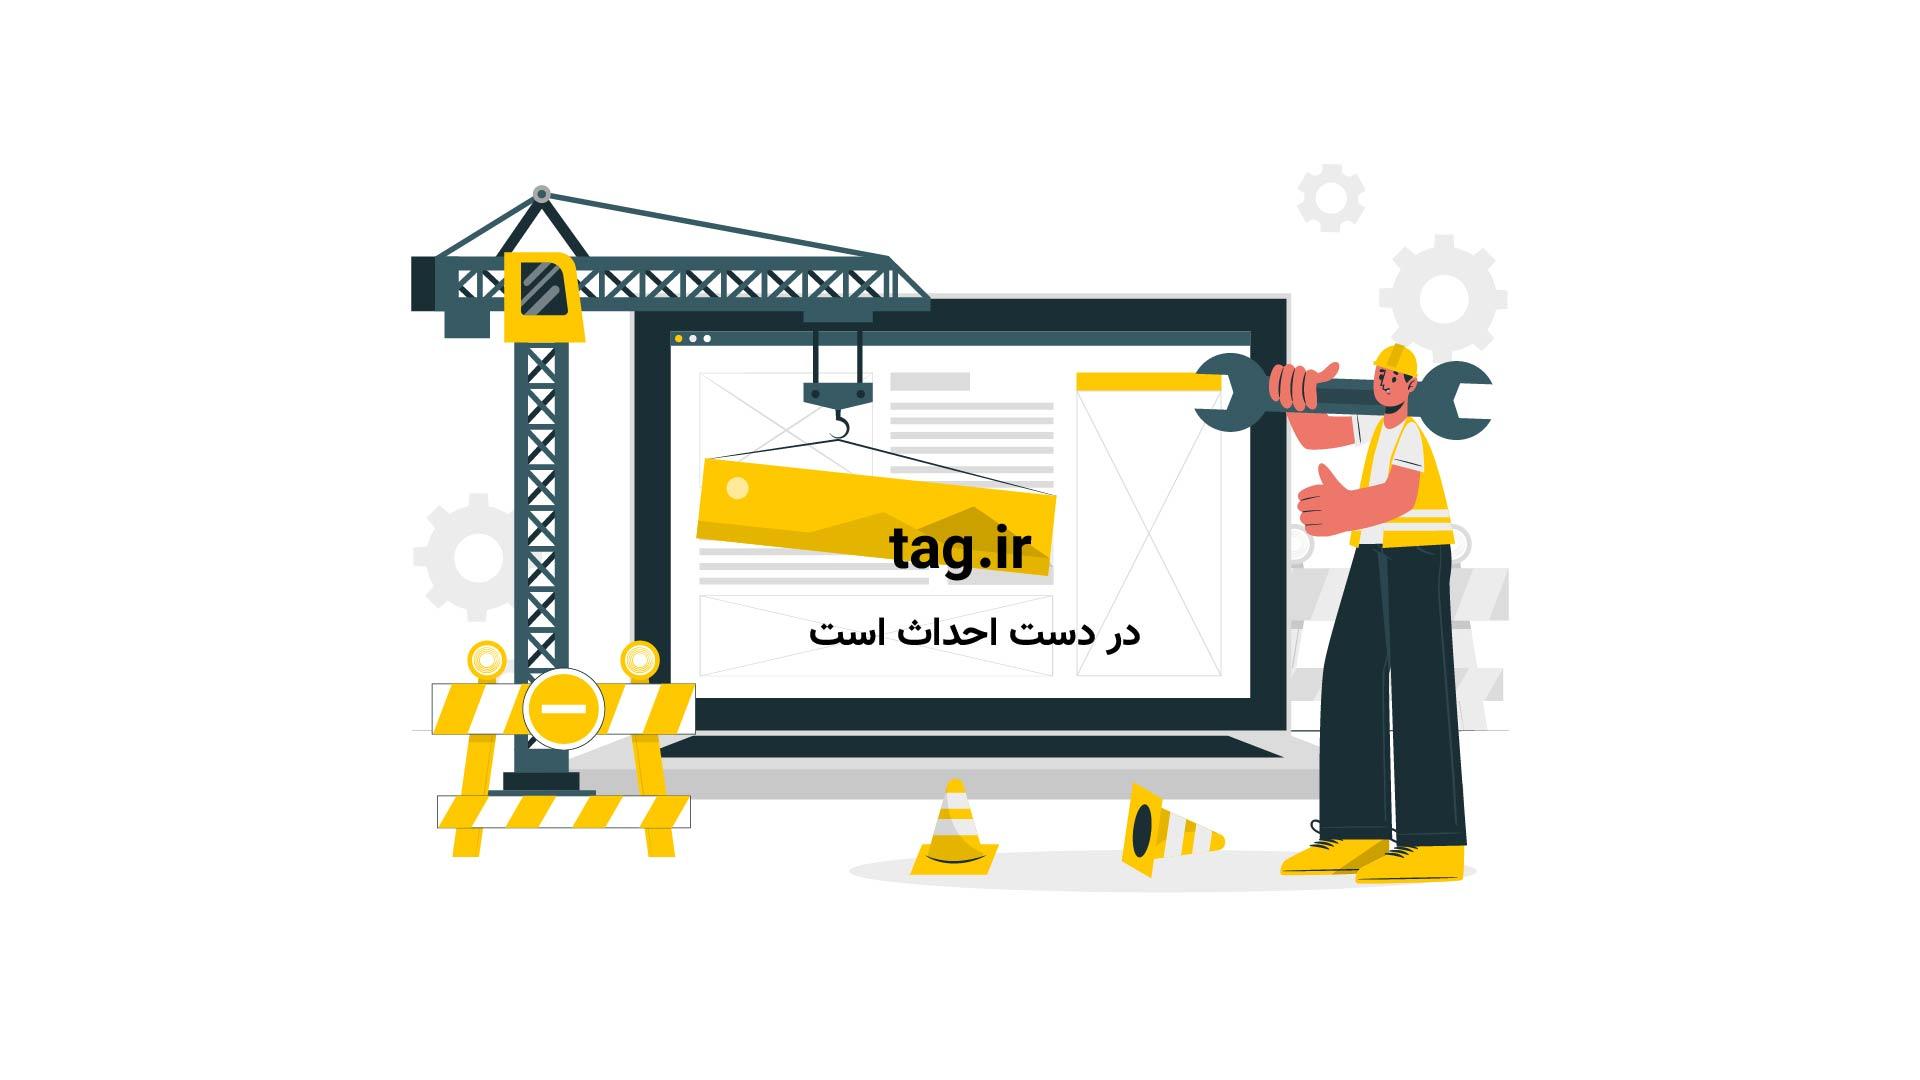 اوریگامی الماس | تگ